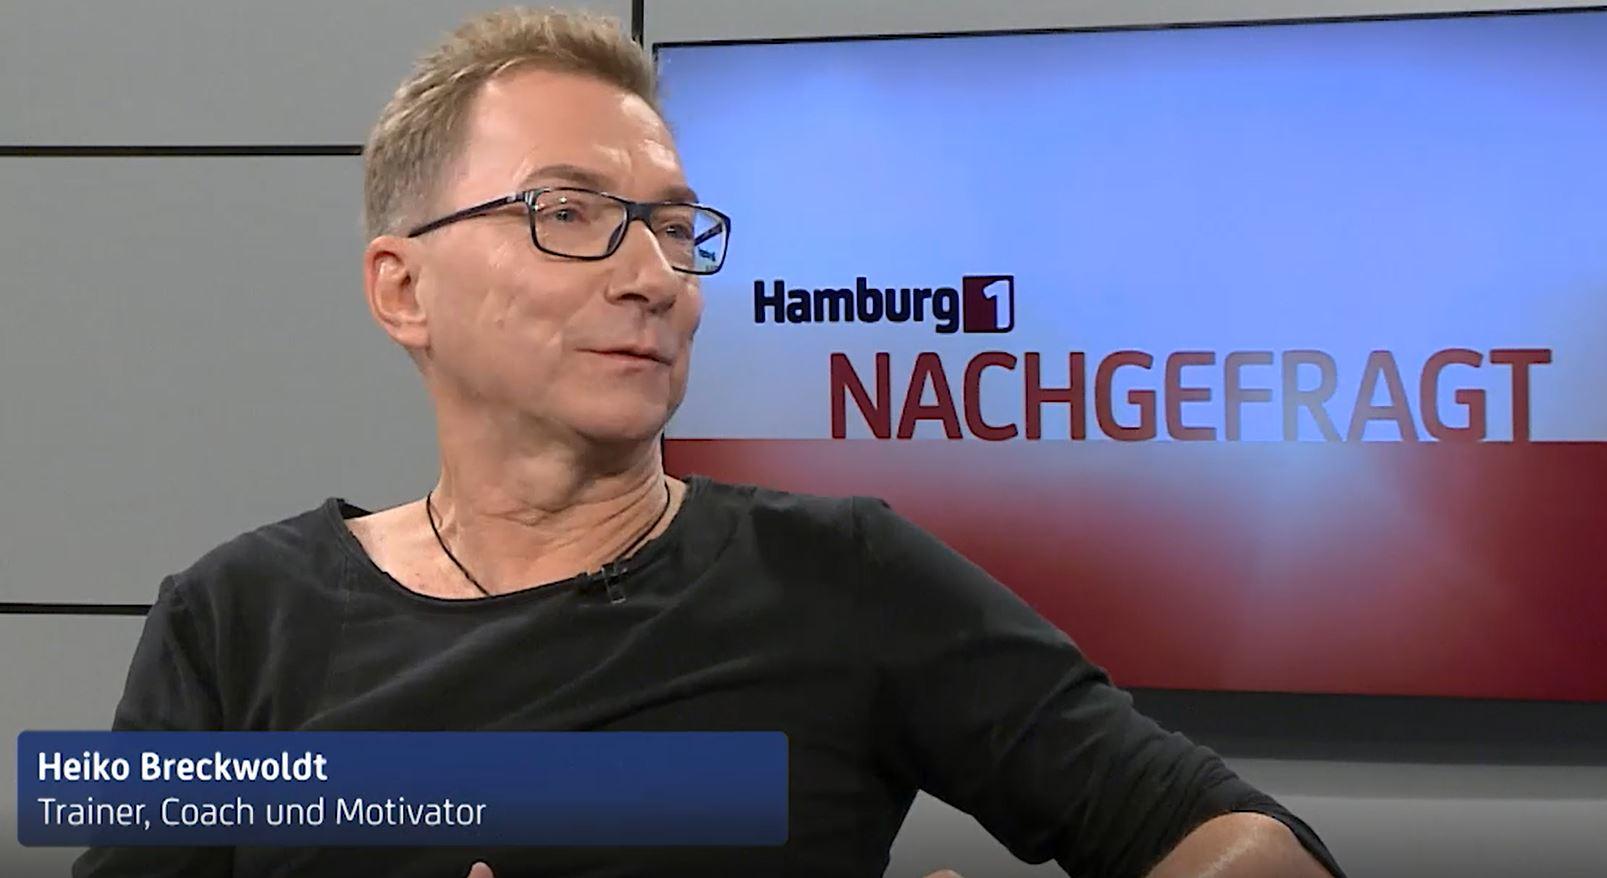 Heiko_Breckwoldt_Hamburg_nachgefragt_2